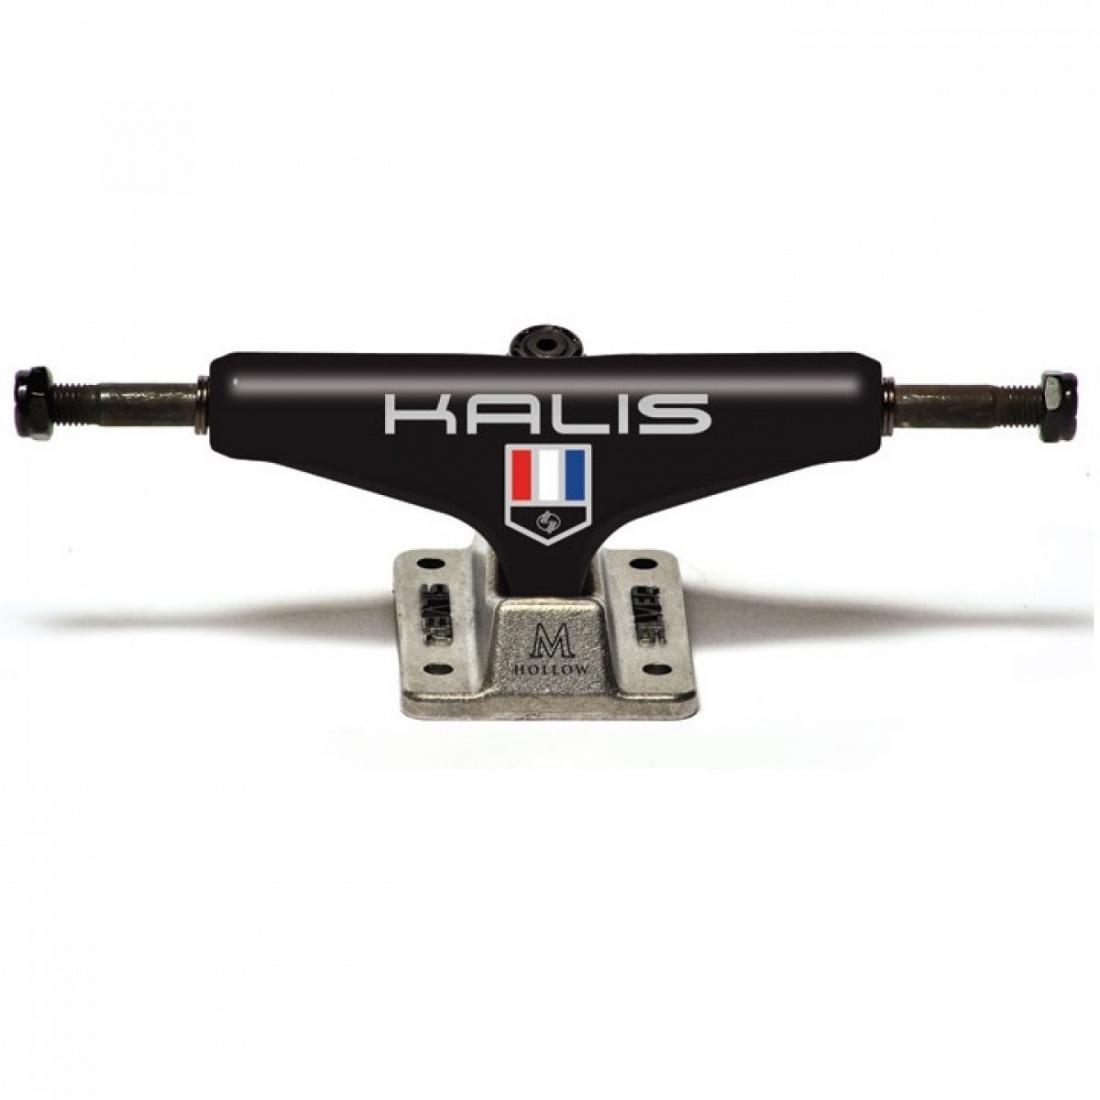 Подвески для скейтборда Silver M-CLS JOSH KALIS - CAMARO Black 8.25